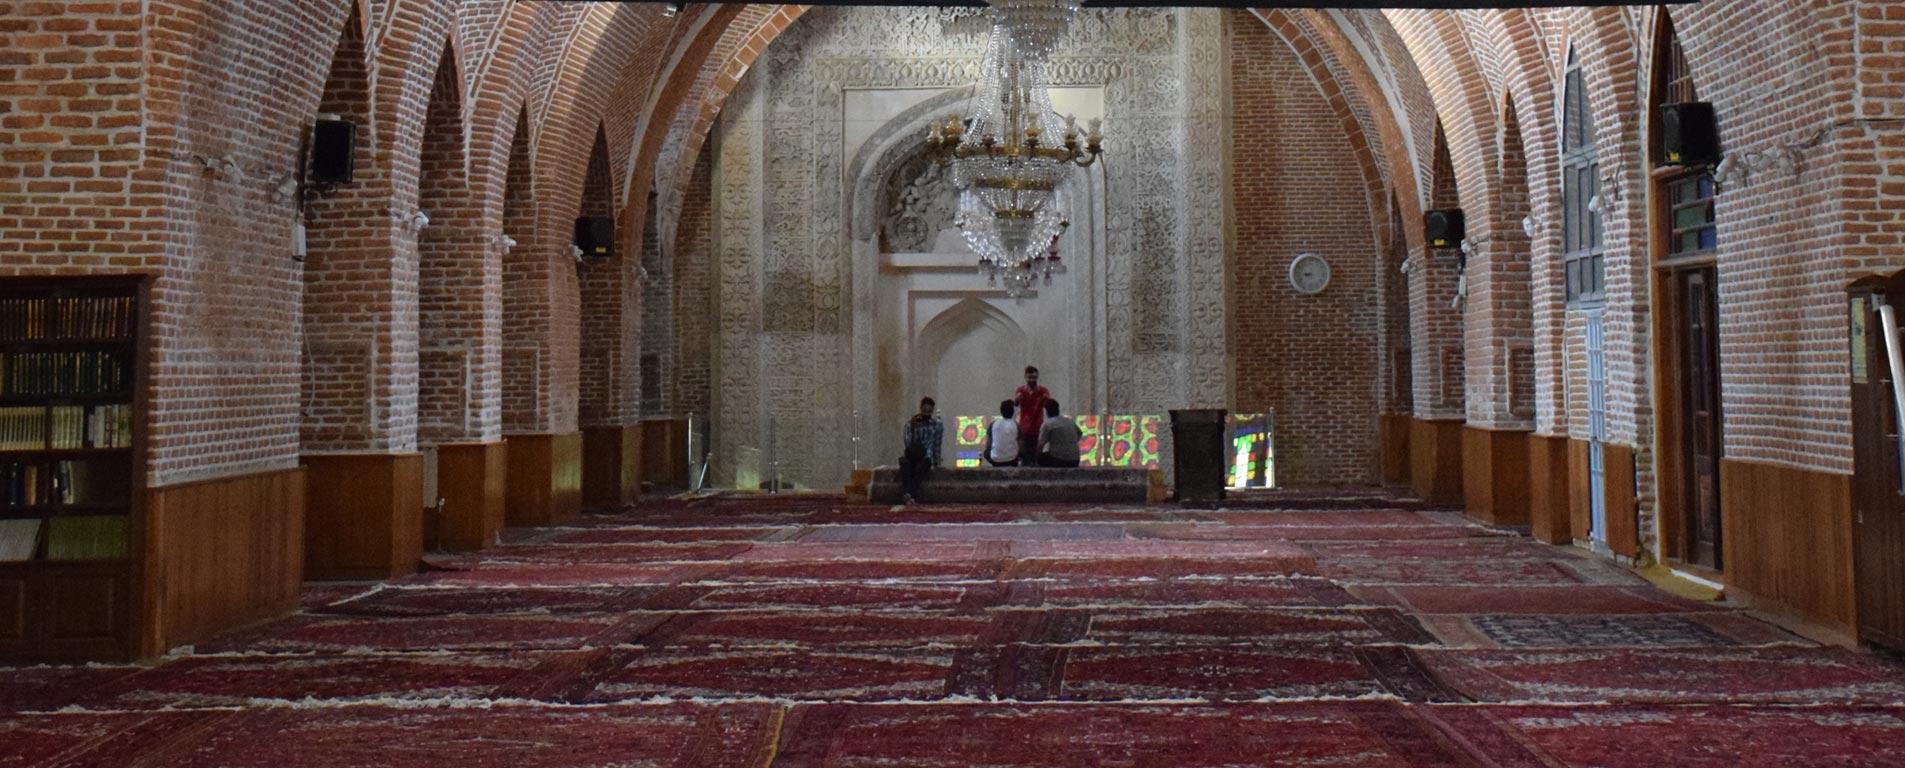 مسجد جامع تبریز ، از صدر اسلام تا شکوه معماری مغولی